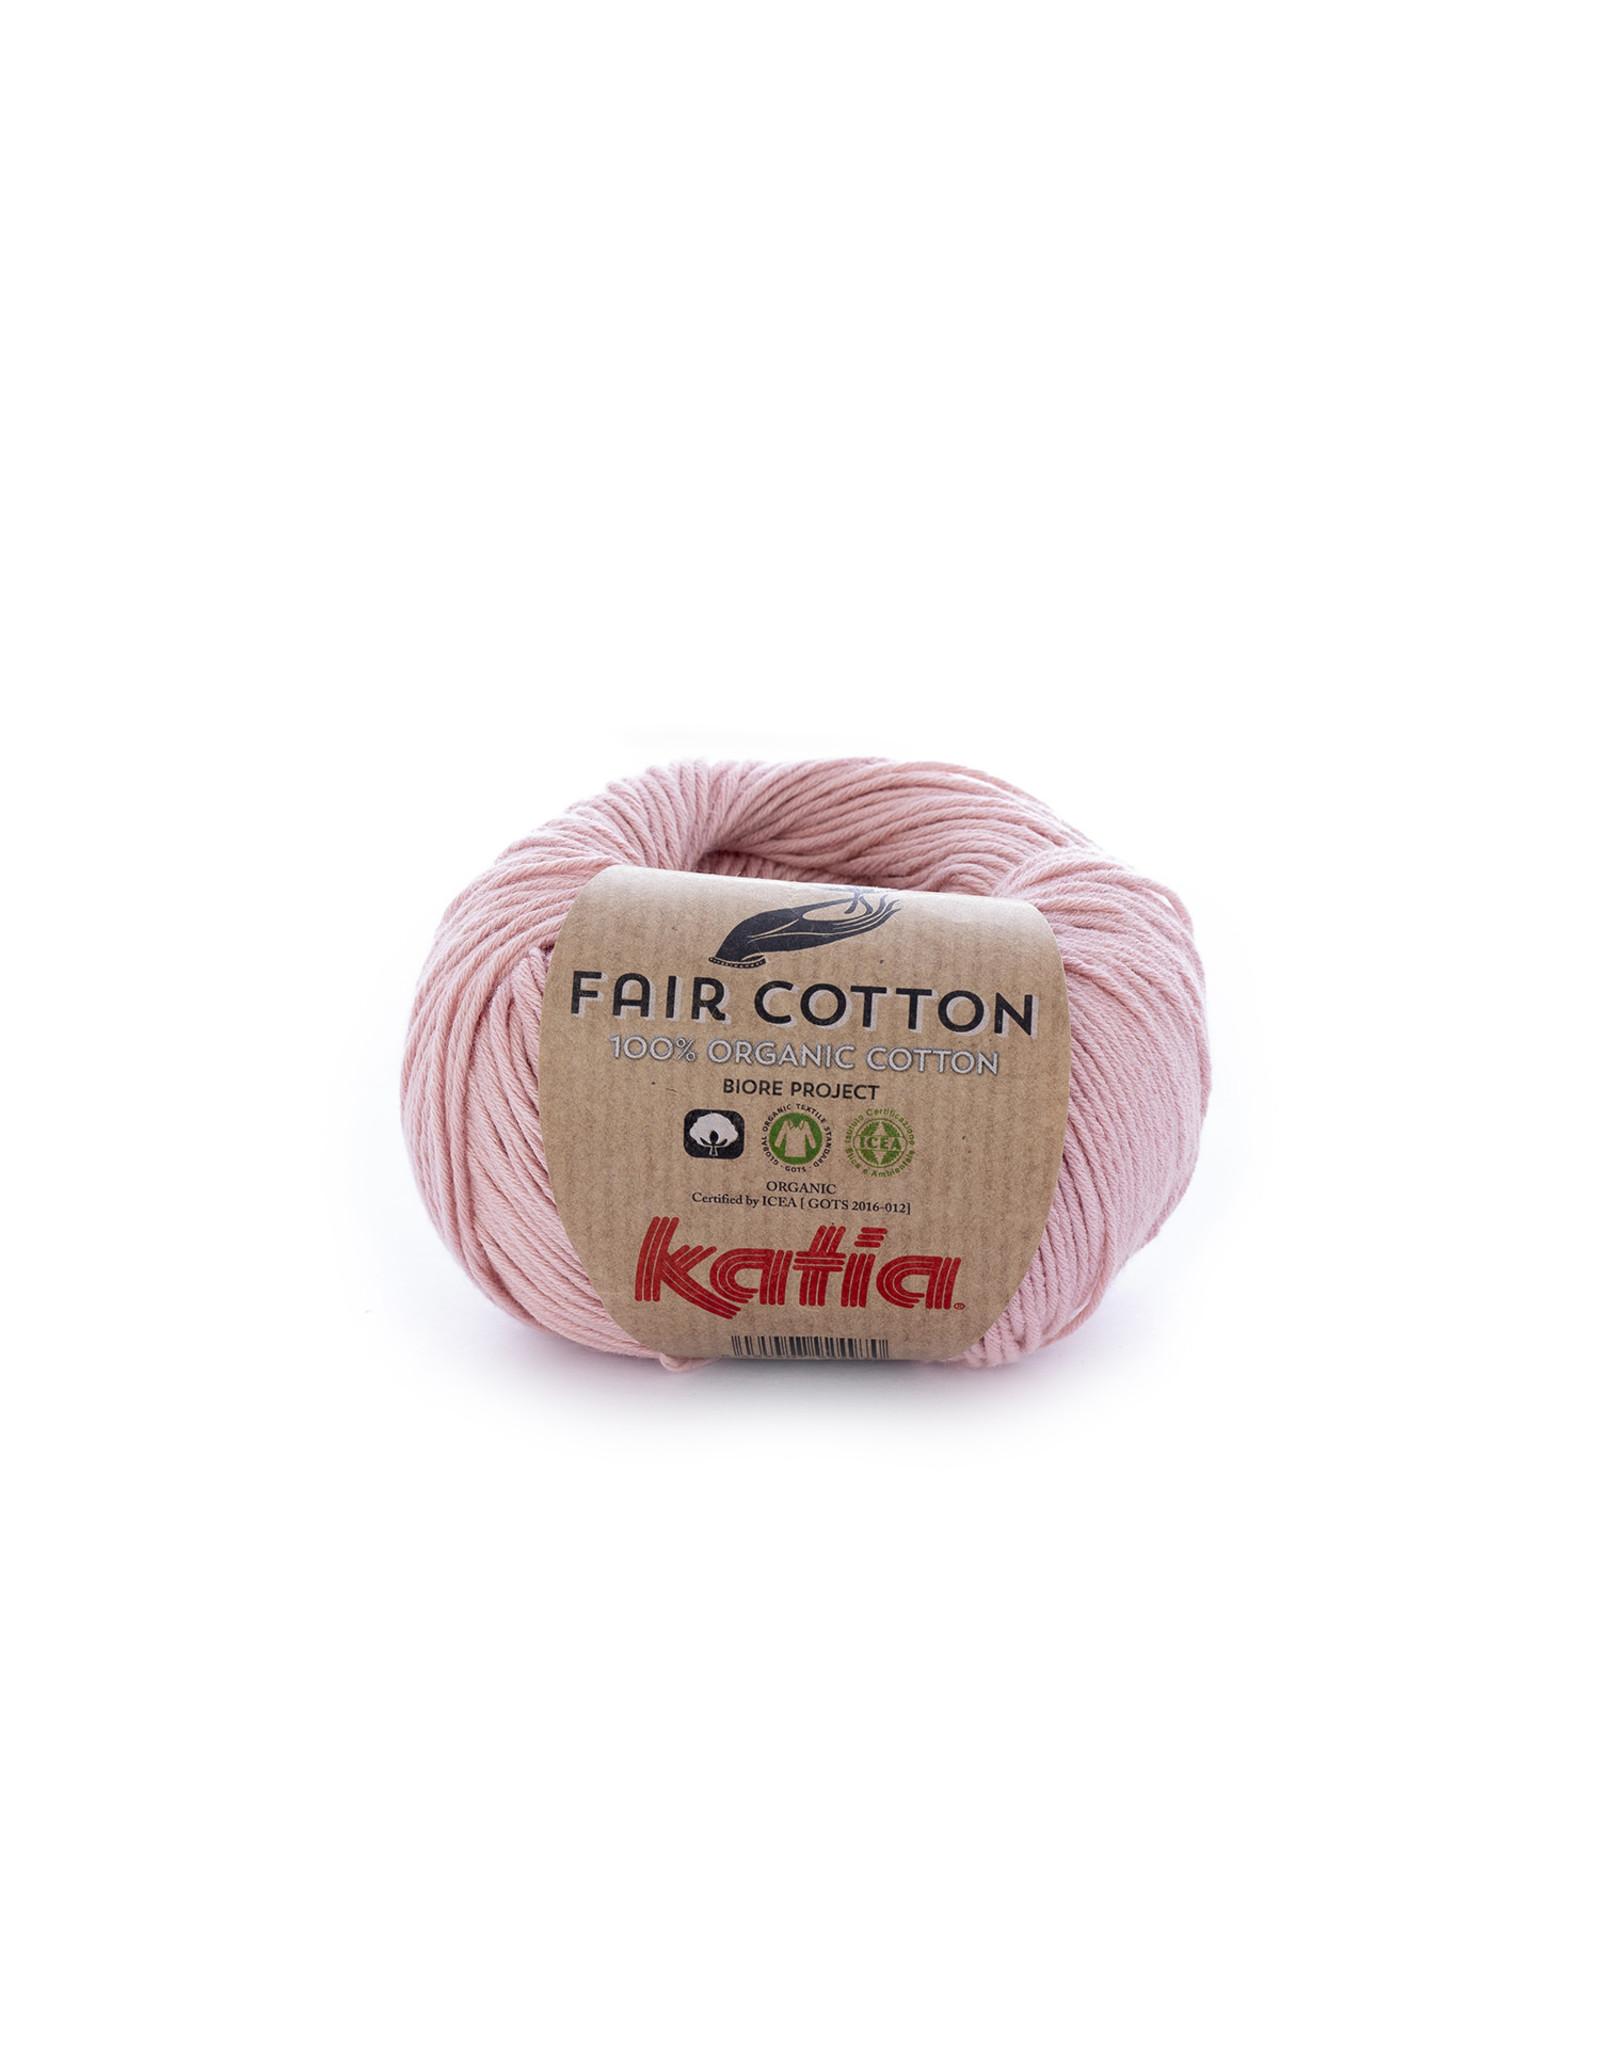 Katia Katia Fair Cotton 13 - lichtroze - 50 gr. - 100% biol. katoen